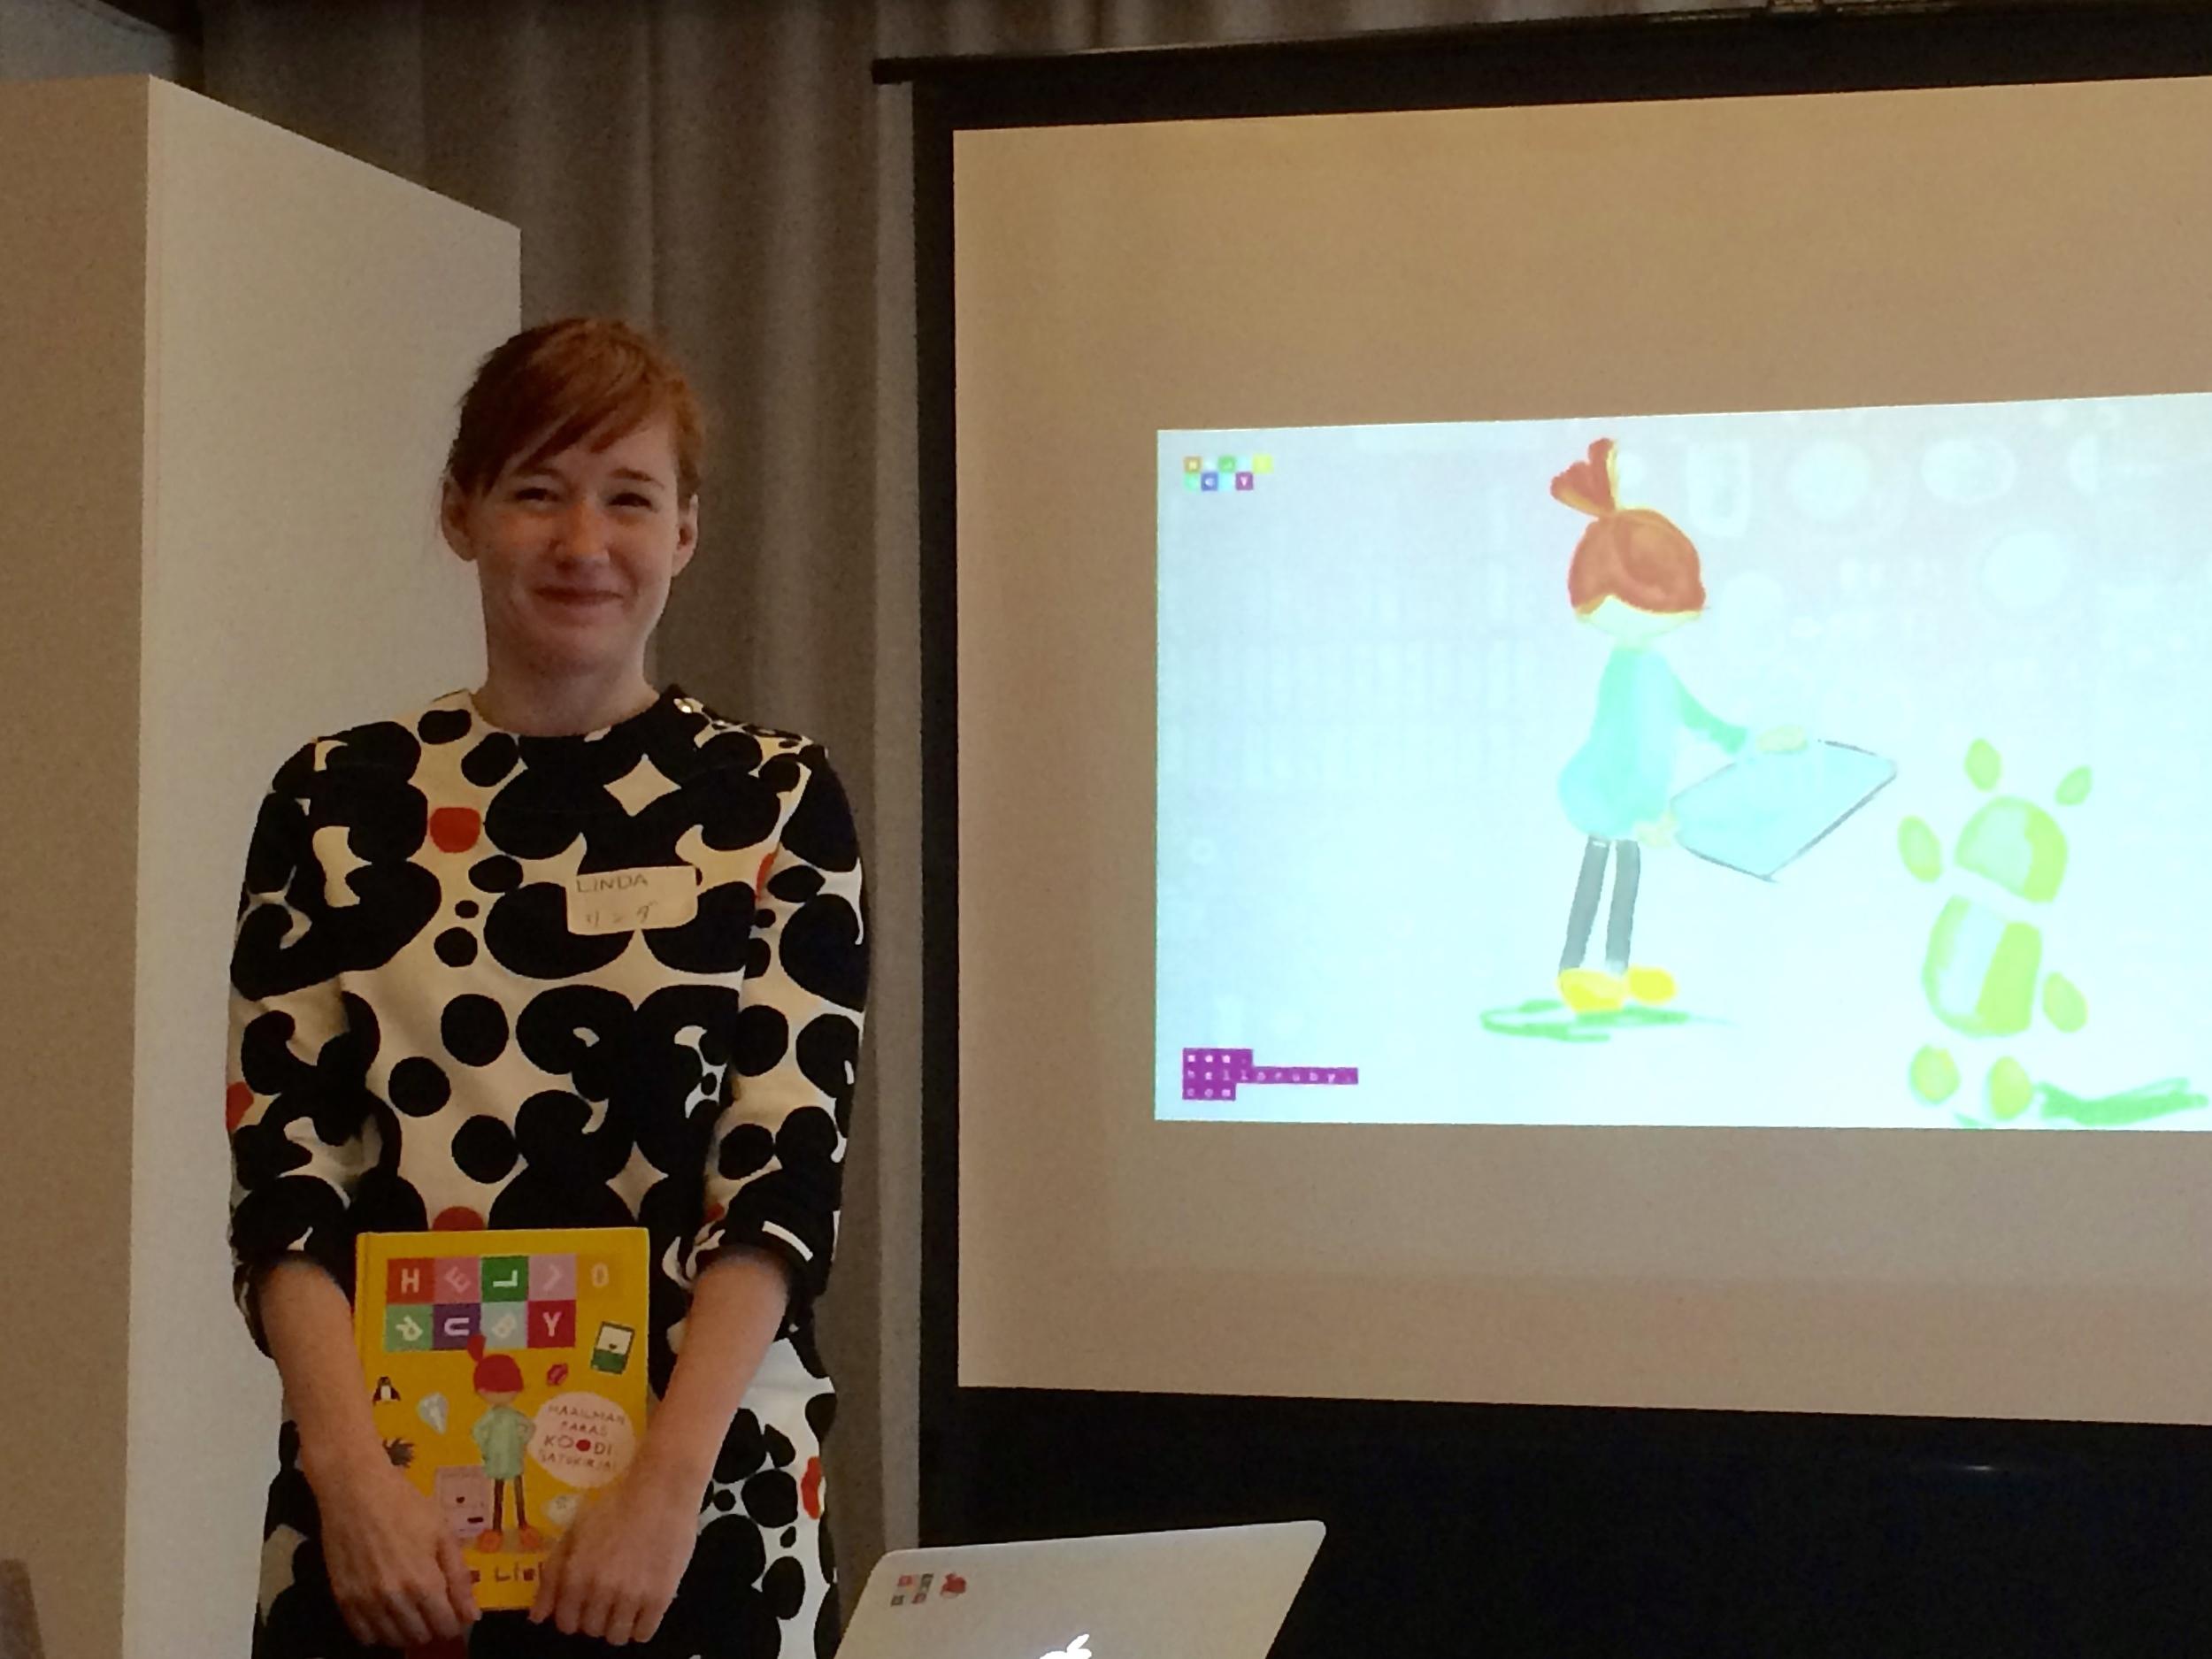 東京のフィンランド大使館で記者会見を行った著者のリンダさん。リンダさんは、若い女性にプログラミングを教える「 Rails Girls 」という世界的な活動の創立者でもあります。プログラミング愛があふれてめっちゃ笑顔。。